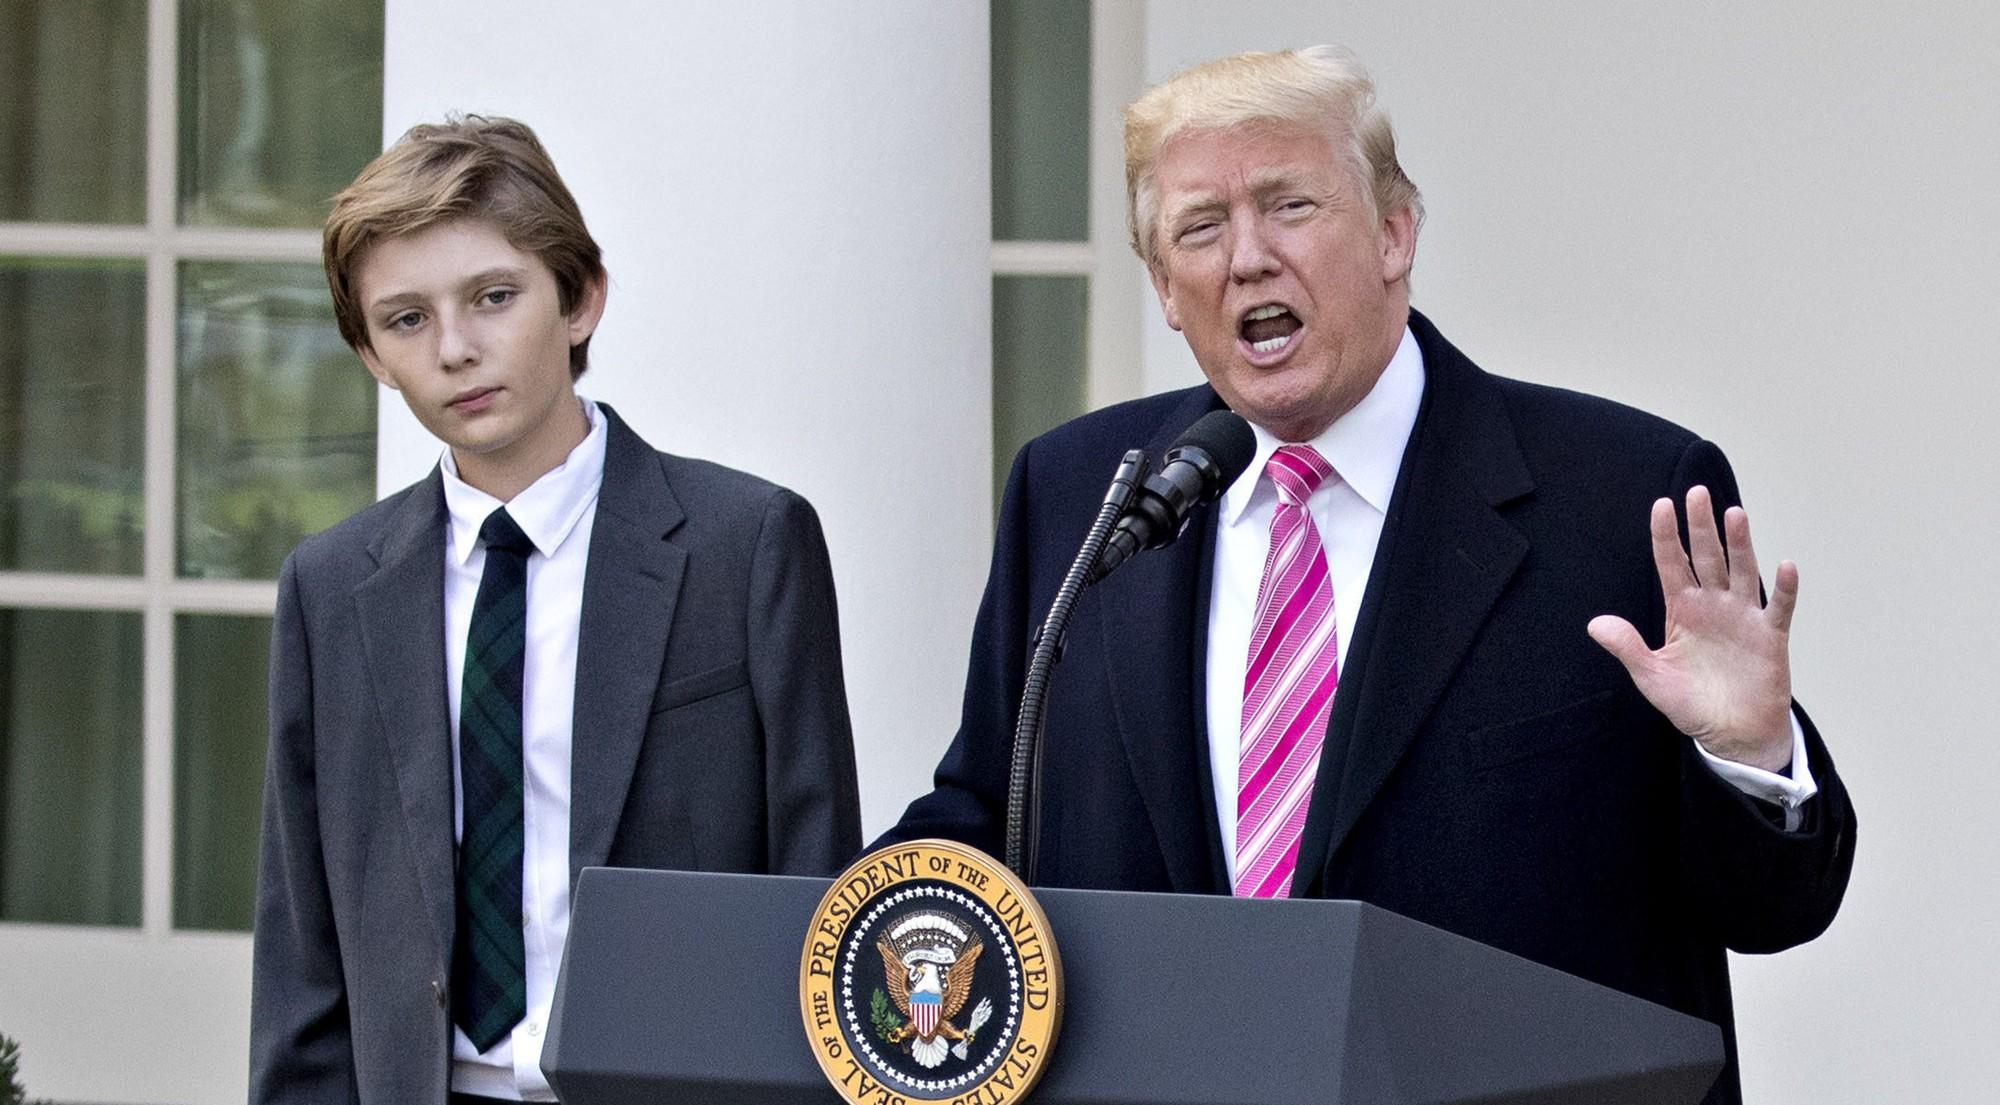 """Đã đẹp trai còn hay mặc suit, hèn gì cậu út nhà Trump đang là """"nam thần"""" được cả thế giới quan tâm - Ảnh 1."""